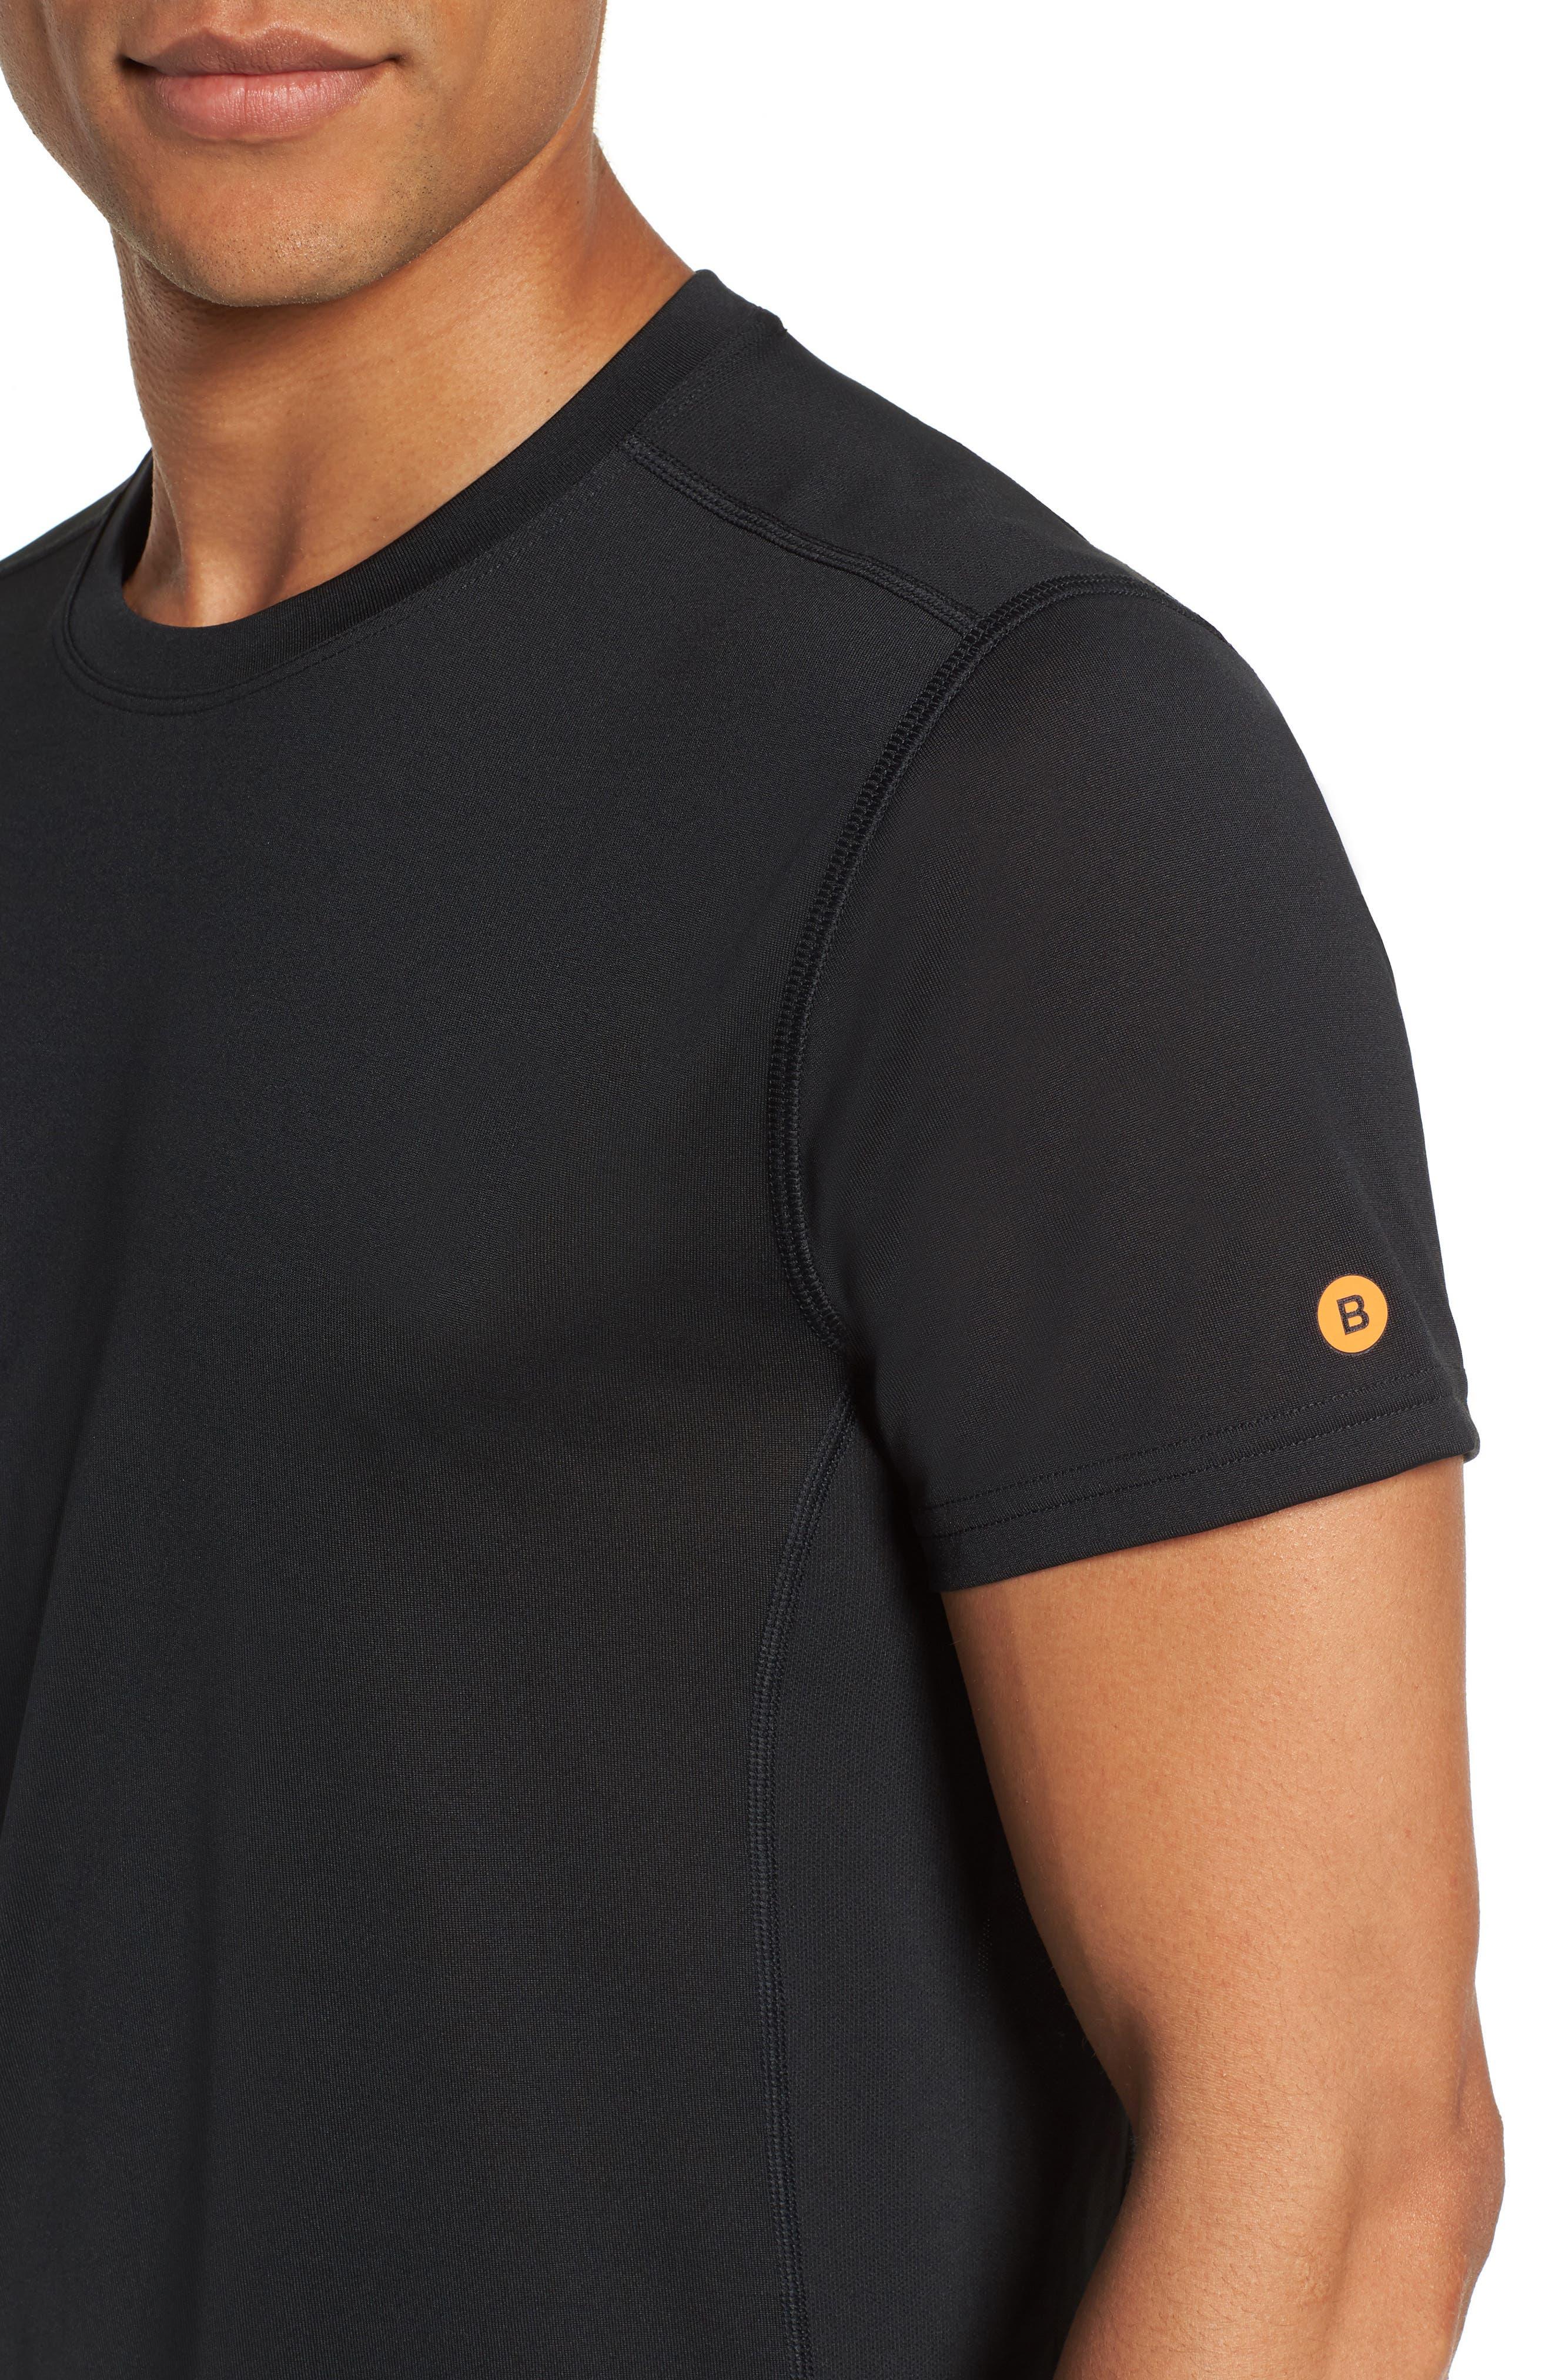 Goodsport Mesh Panel T-Shirt,                             Alternate thumbnail 4, color,                             001